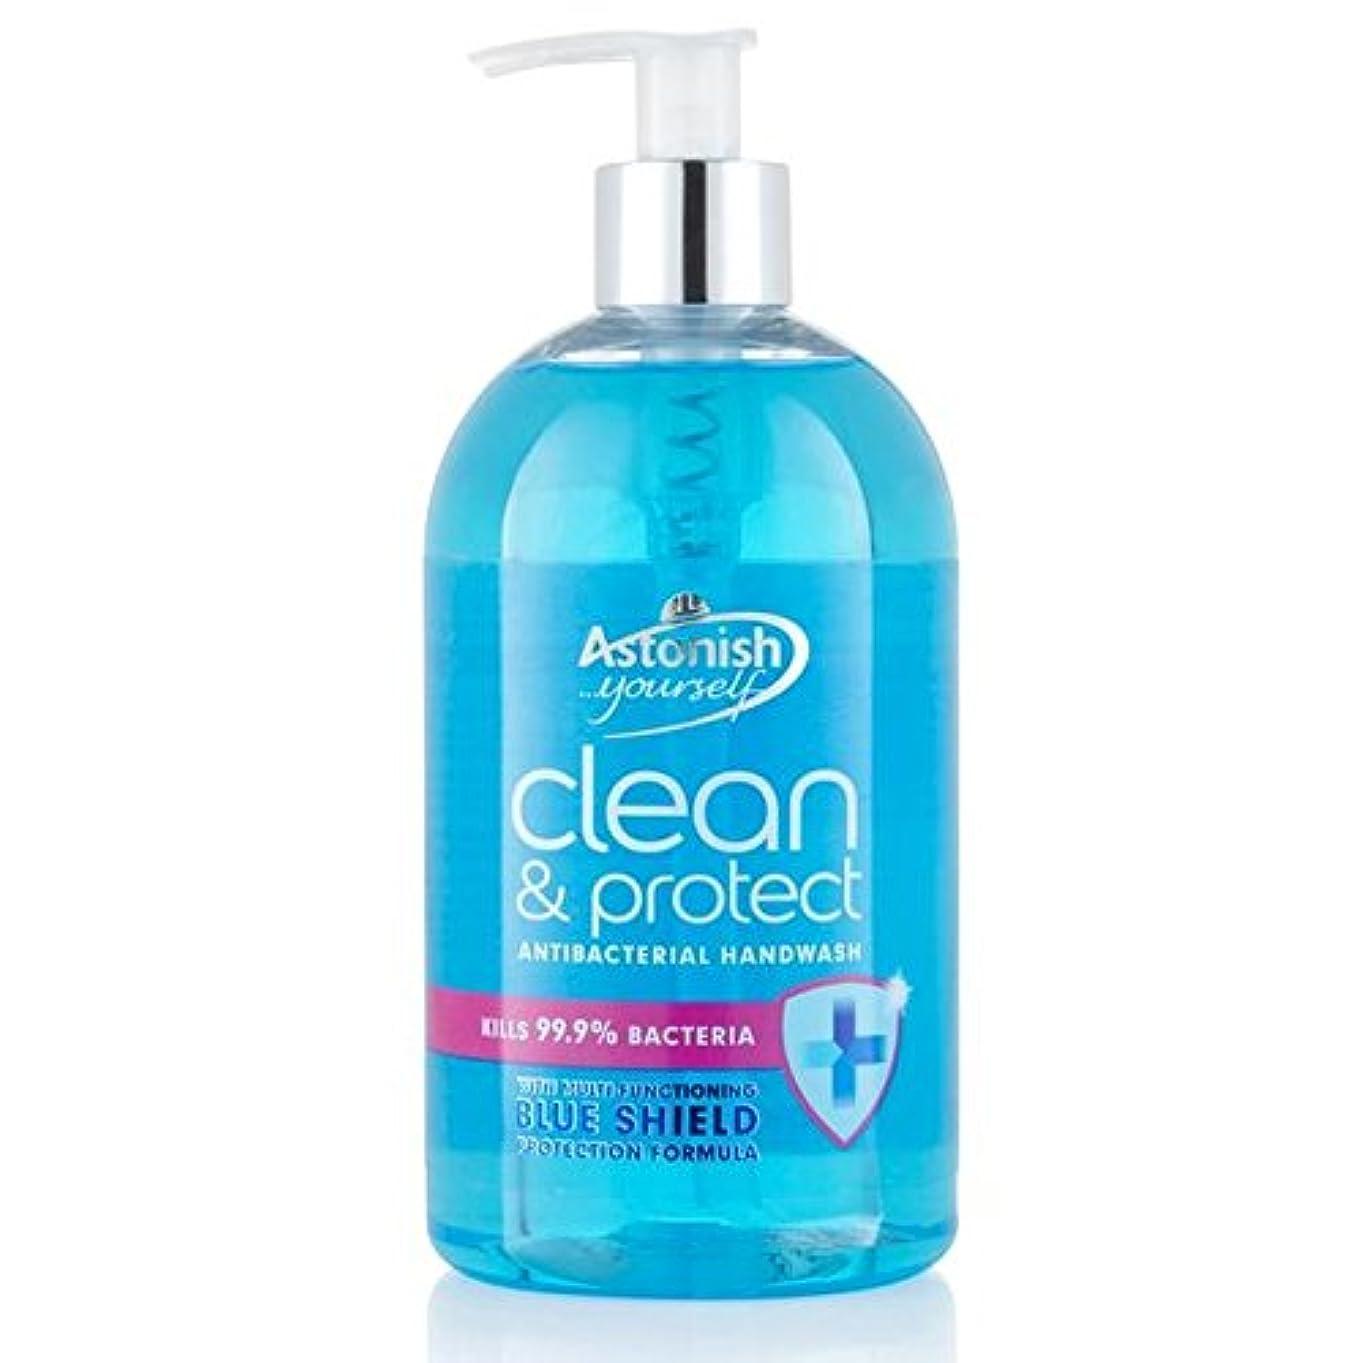 離れたサイレン仕方Astonish Clean & Protect Hand Wash 500ml - クリーン驚か&ハンドウォッシュ500ミリリットルを保護 [並行輸入品]